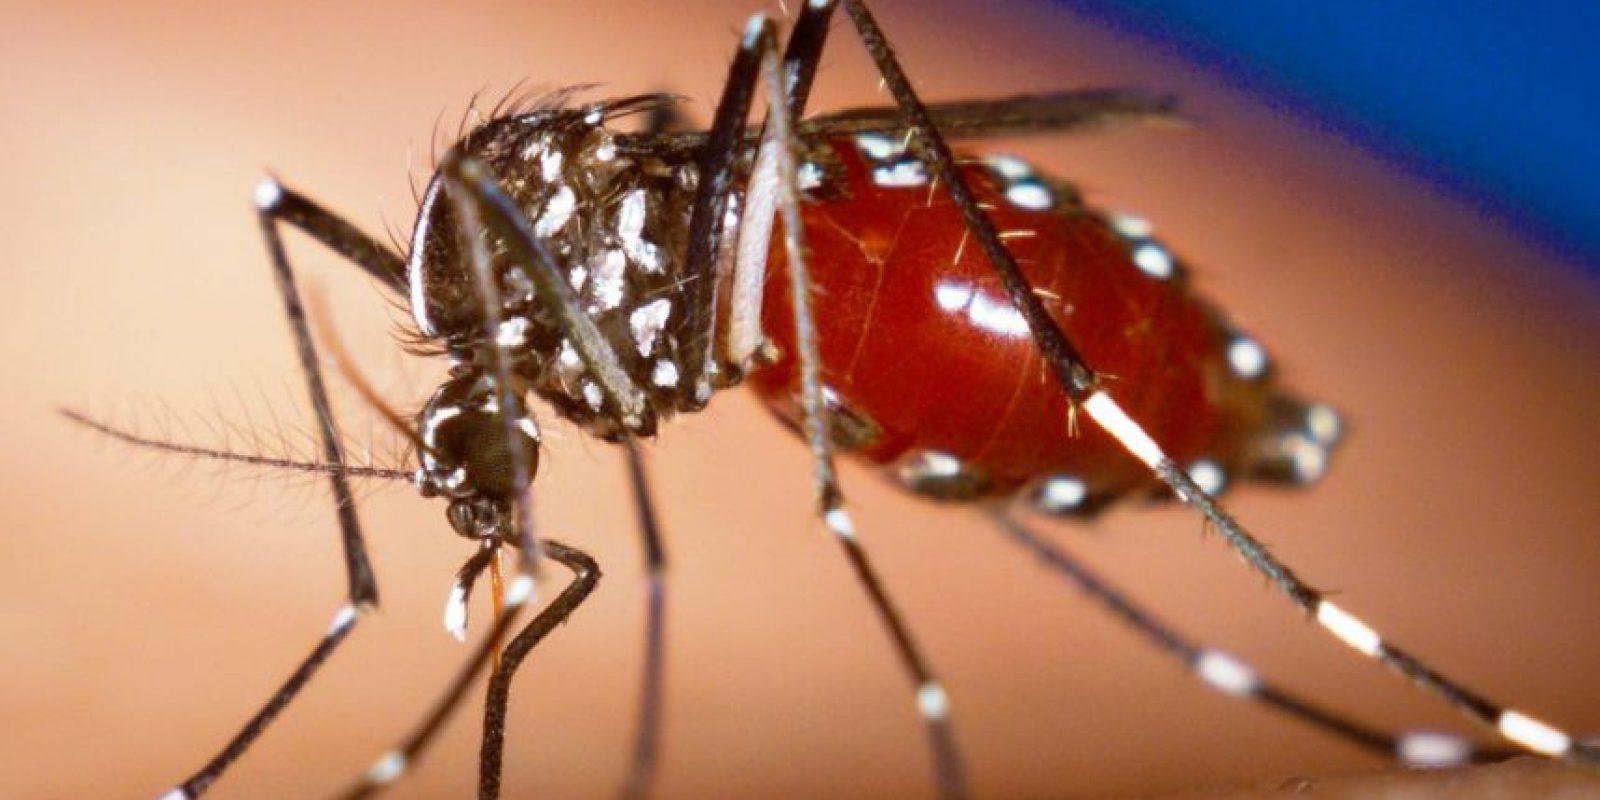 El virus zika está relacionado con el dengue, la fiebre amarilla y el virus del Nilo Occidental, y se transmite a través de una picadura de mosquito.